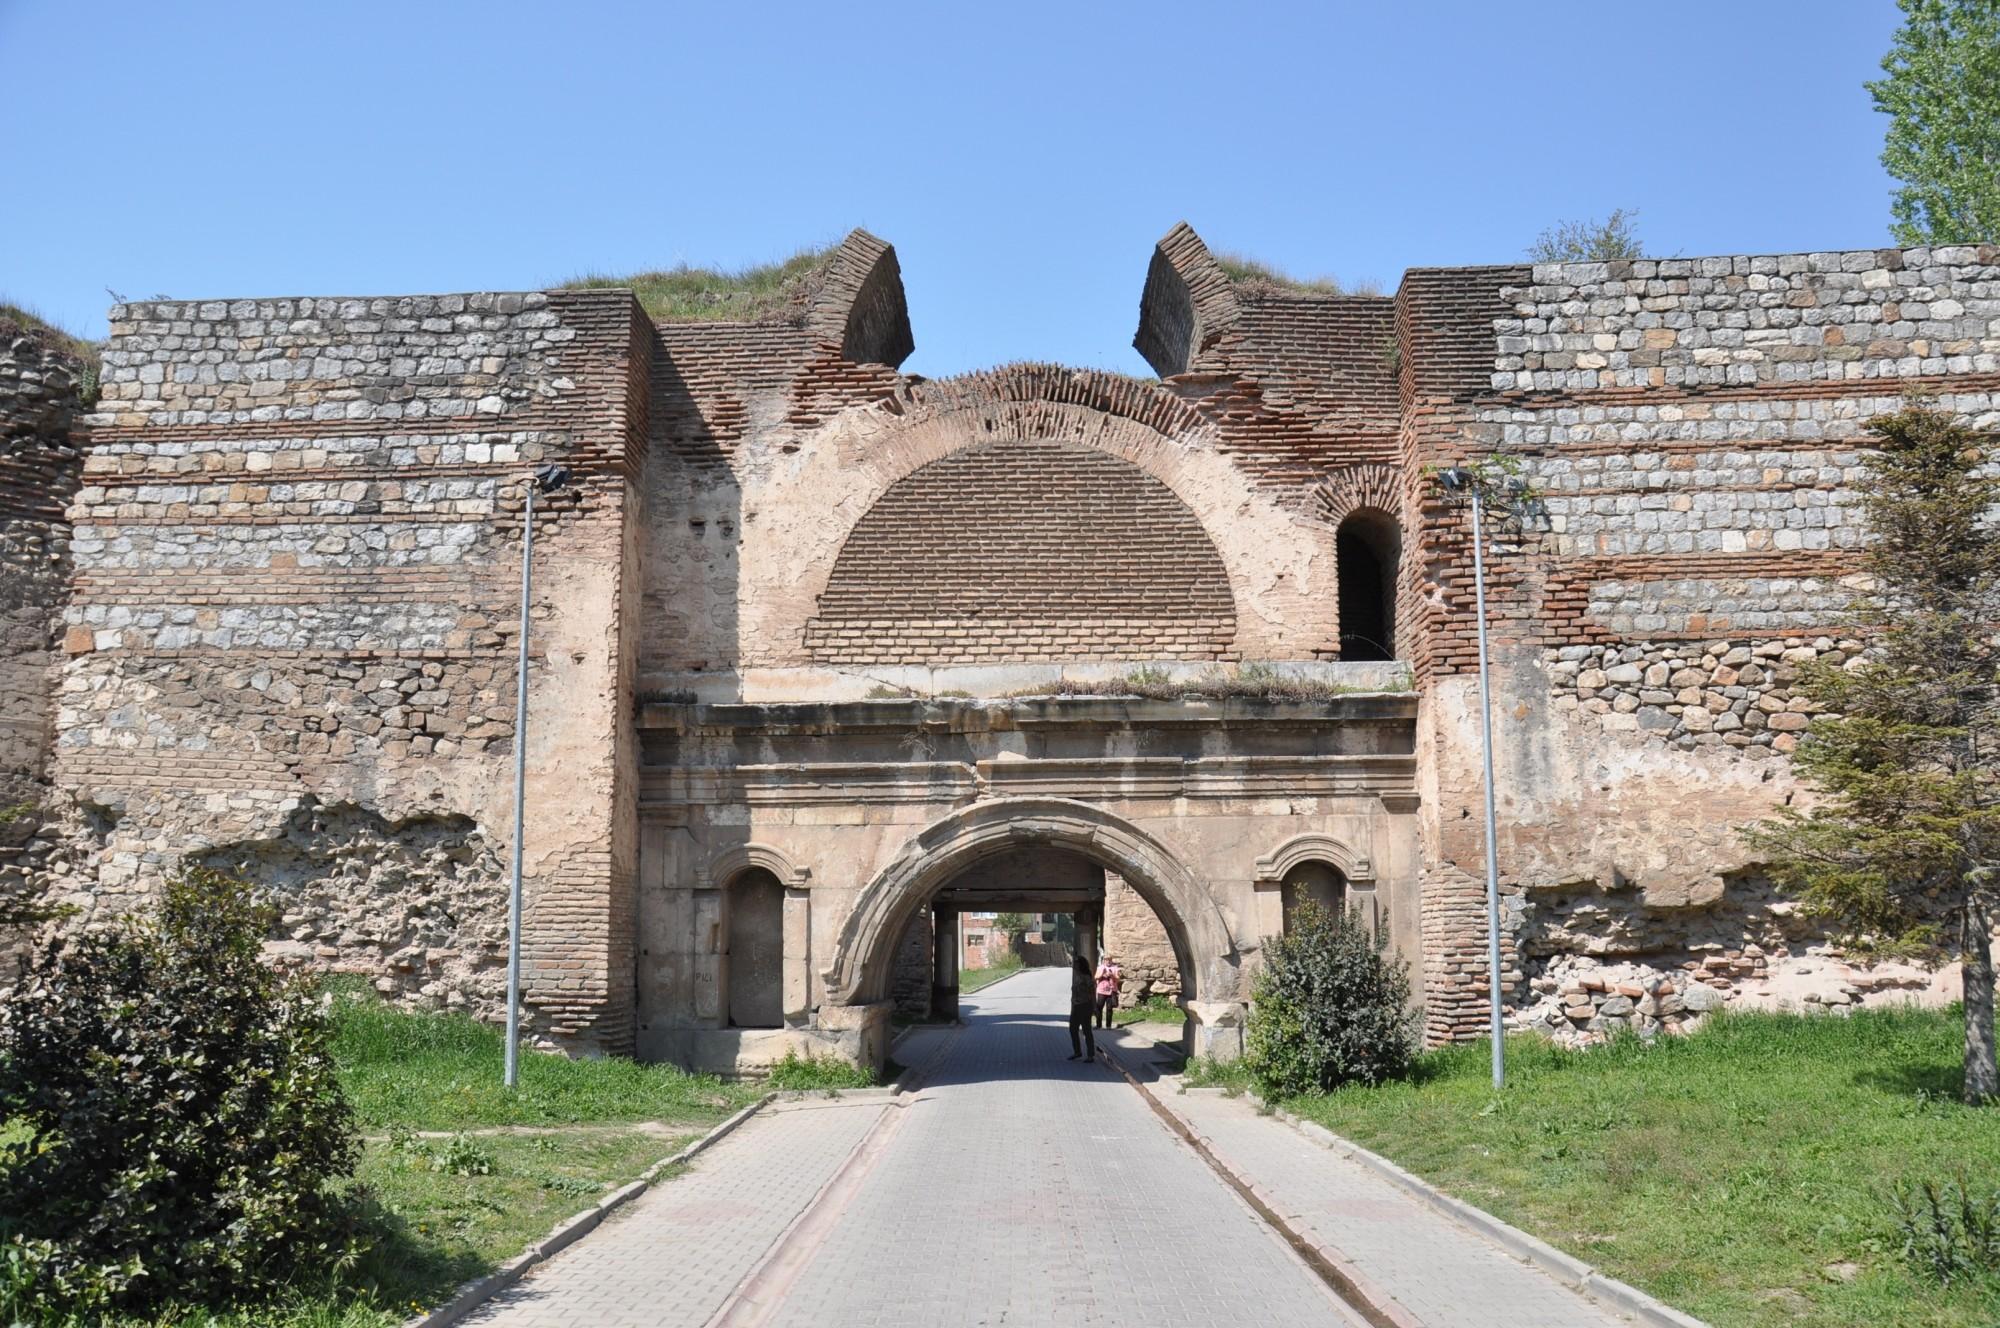 Istanbul Gate in Iznik